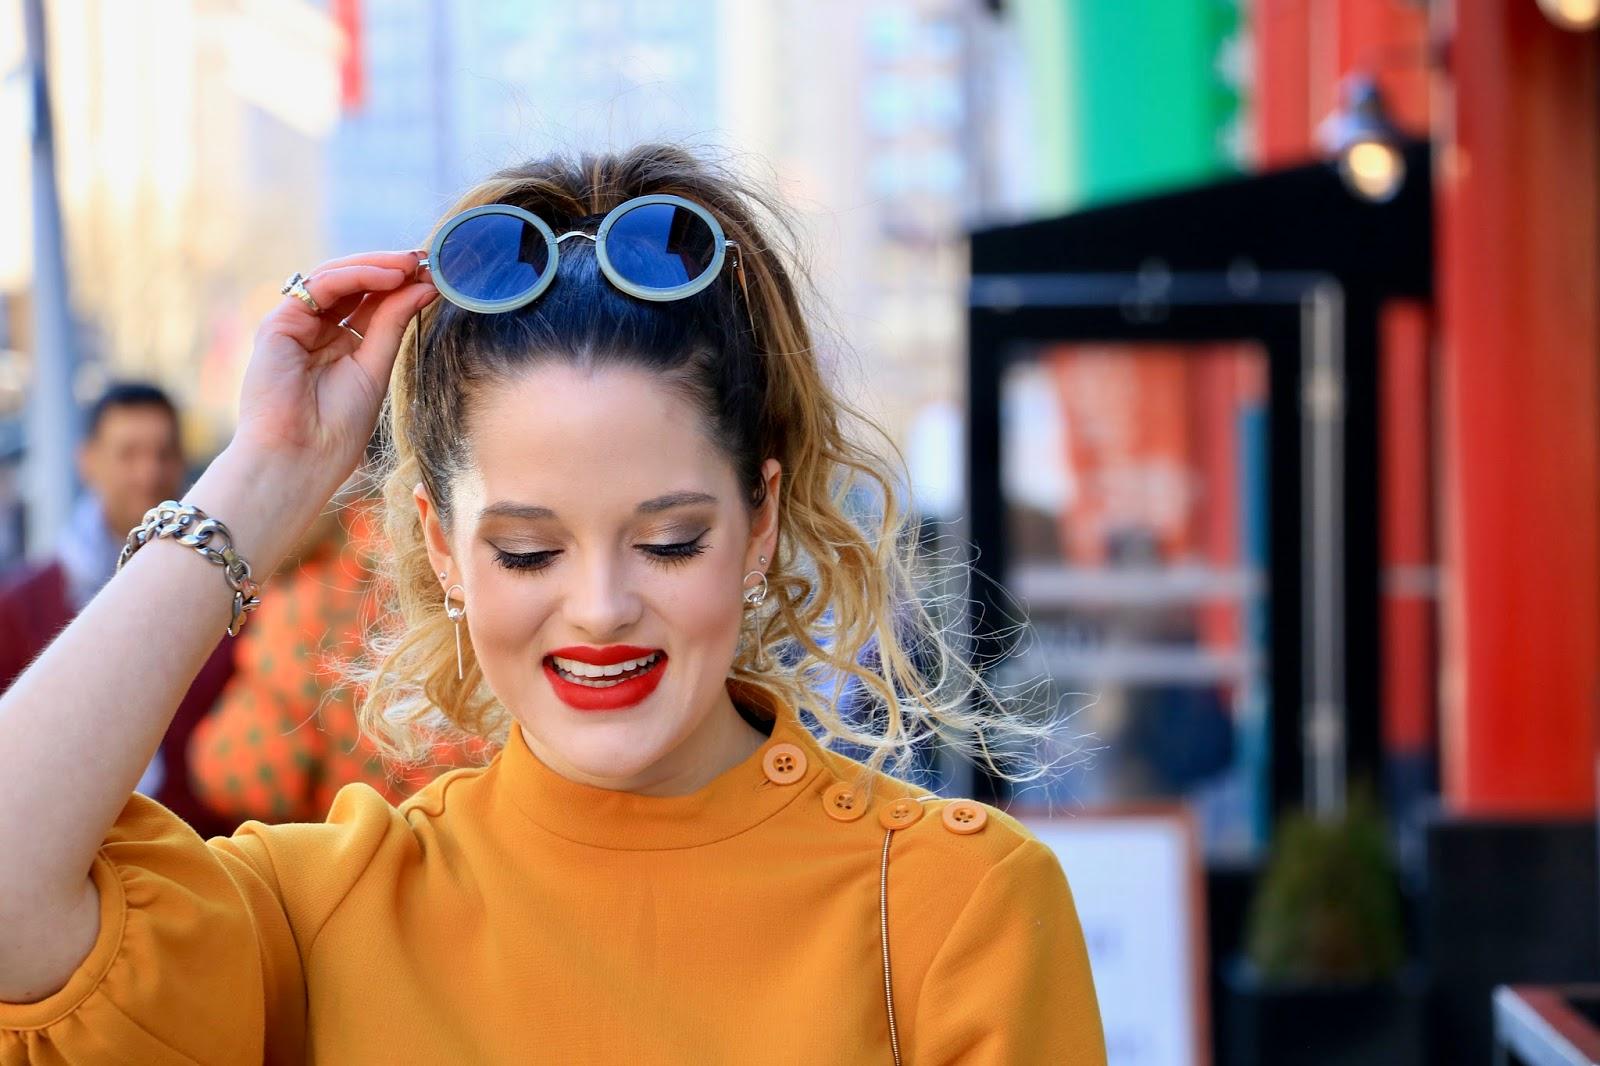 Nyc fashion blogger Kathleen Harper's best red matte lipsticks